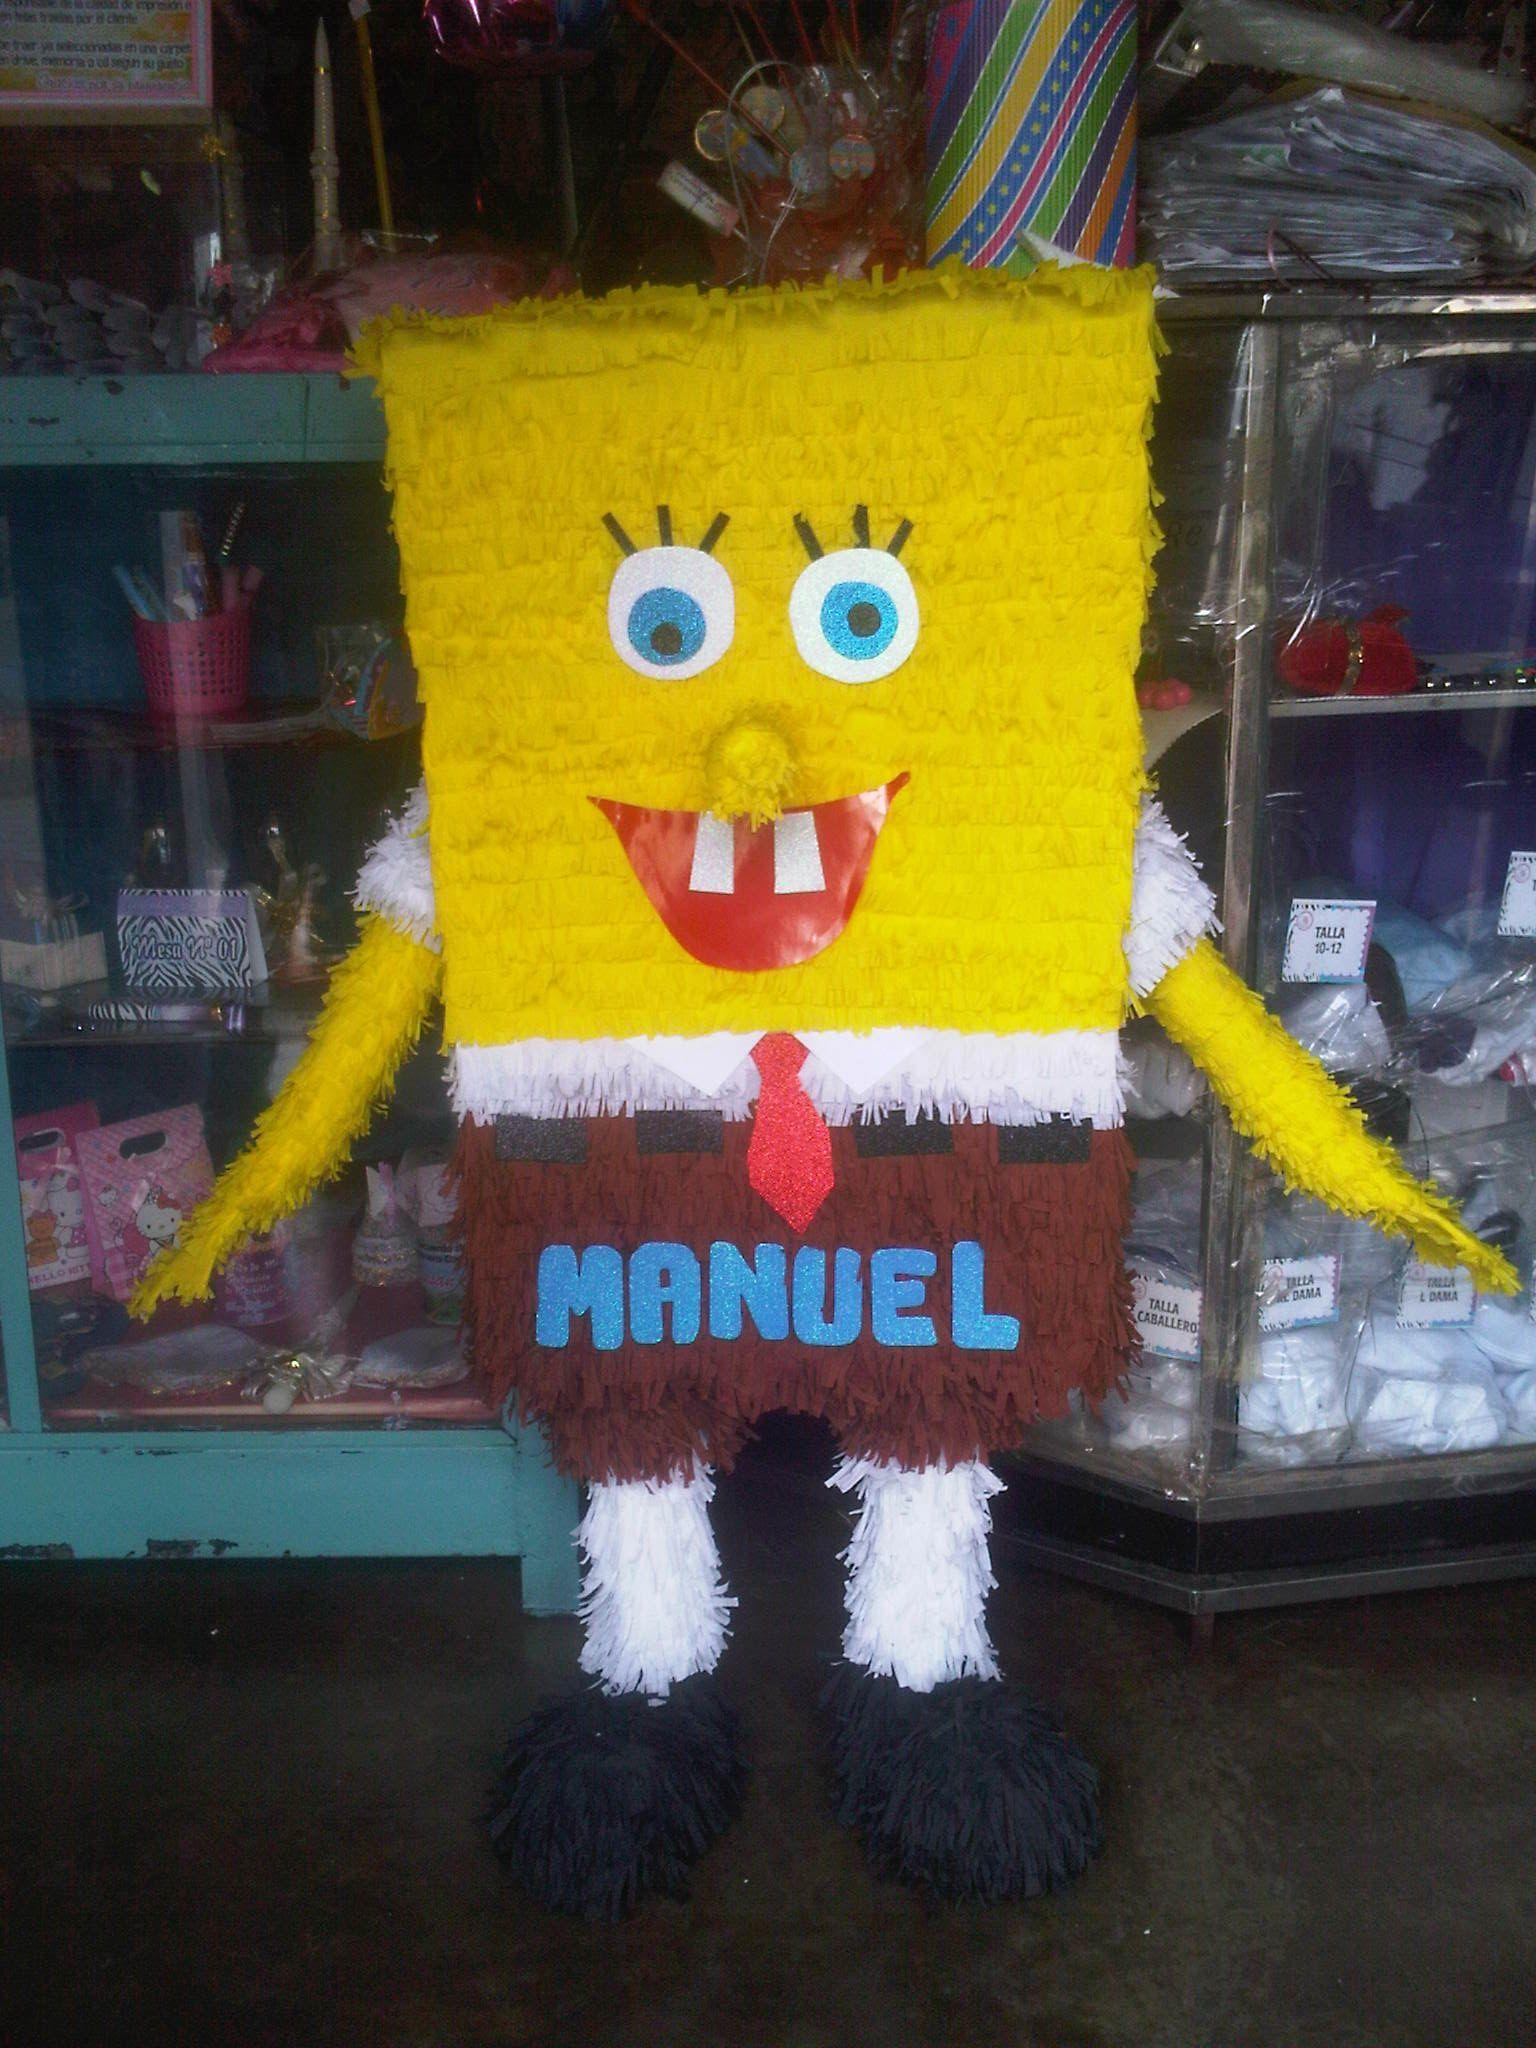 Piñata Bob Esponja Piñata Bob Esponja Piñatas Y Piñada